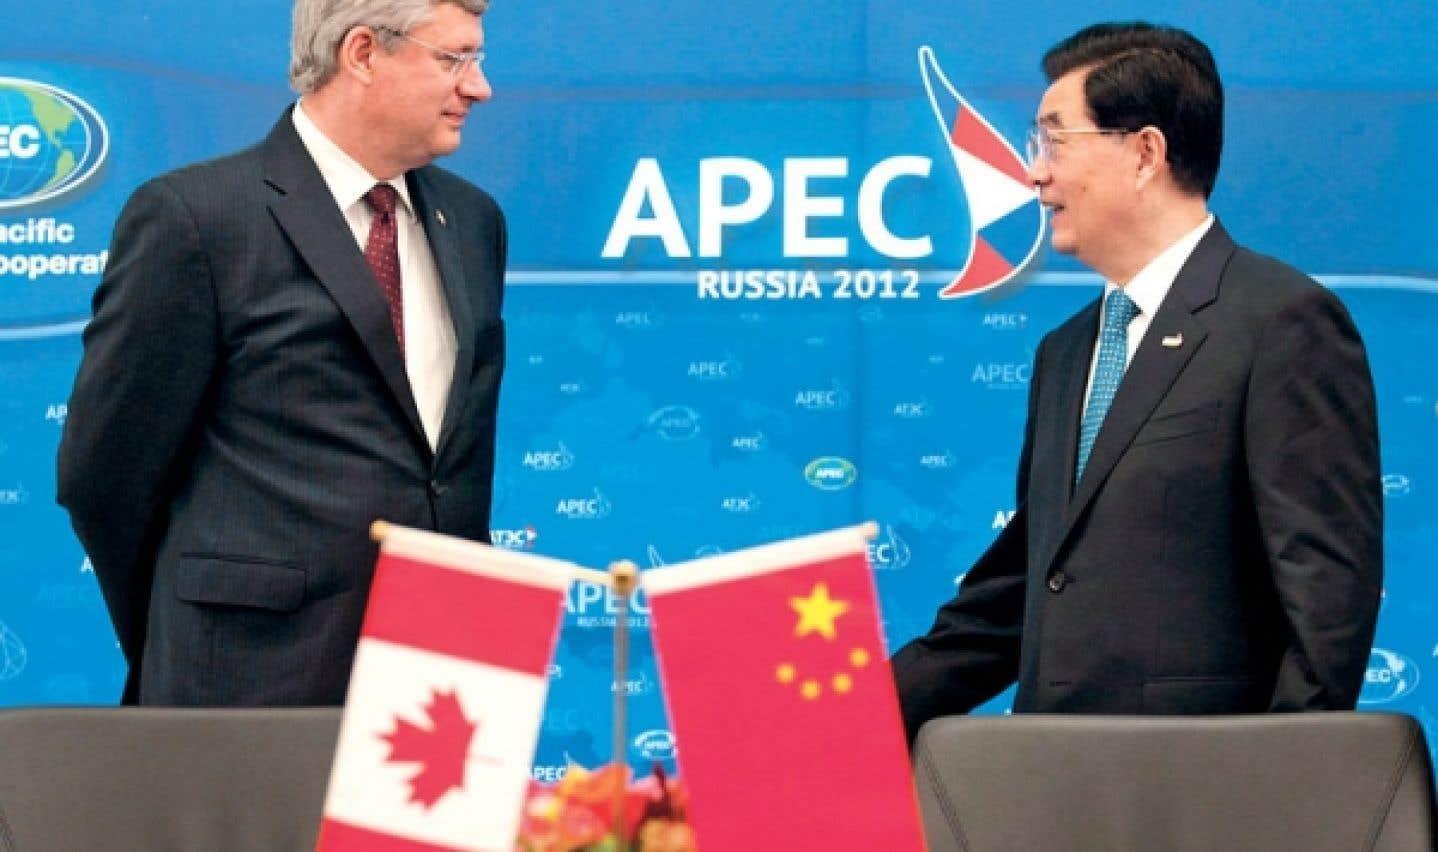 Fermeture d'ambassade - Stephen Harper indifférent aux menaces iraniennes